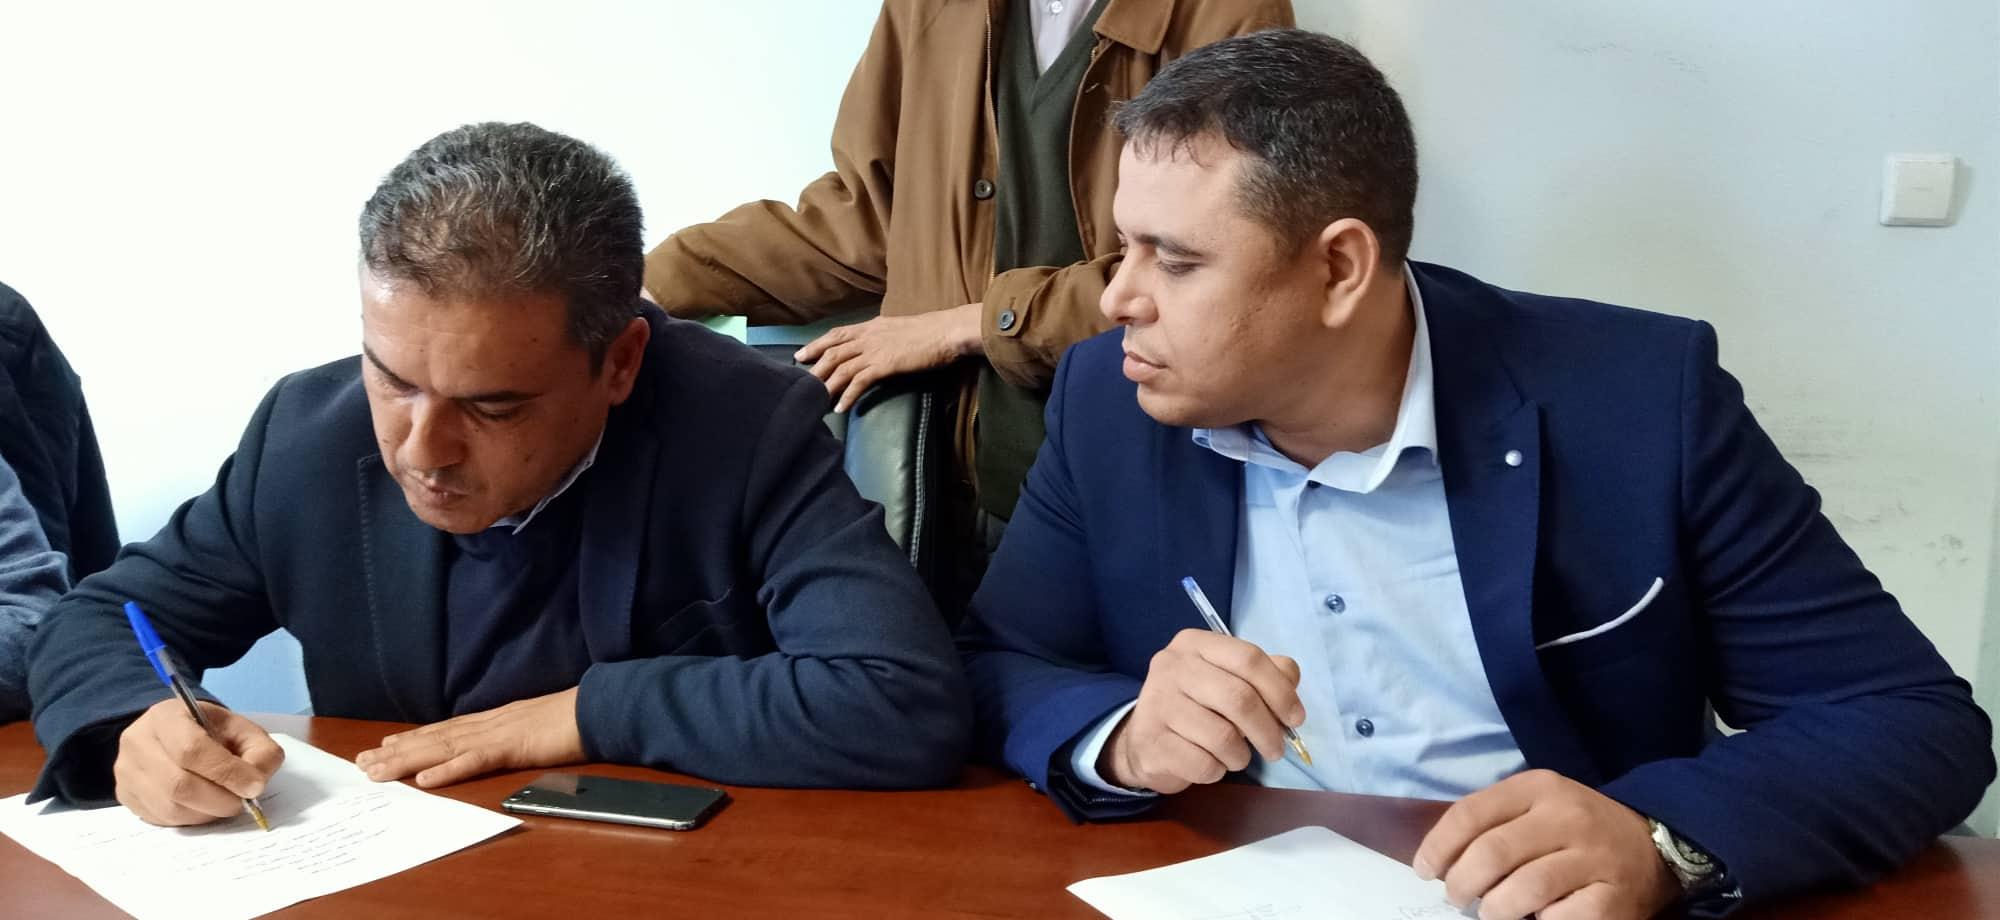 غياب النصاب القانوني يثير الجدل بالناظور ومرشح لمنصب الرئاسة يلجأ للمحكمة للطعن في الرئيس الجديد